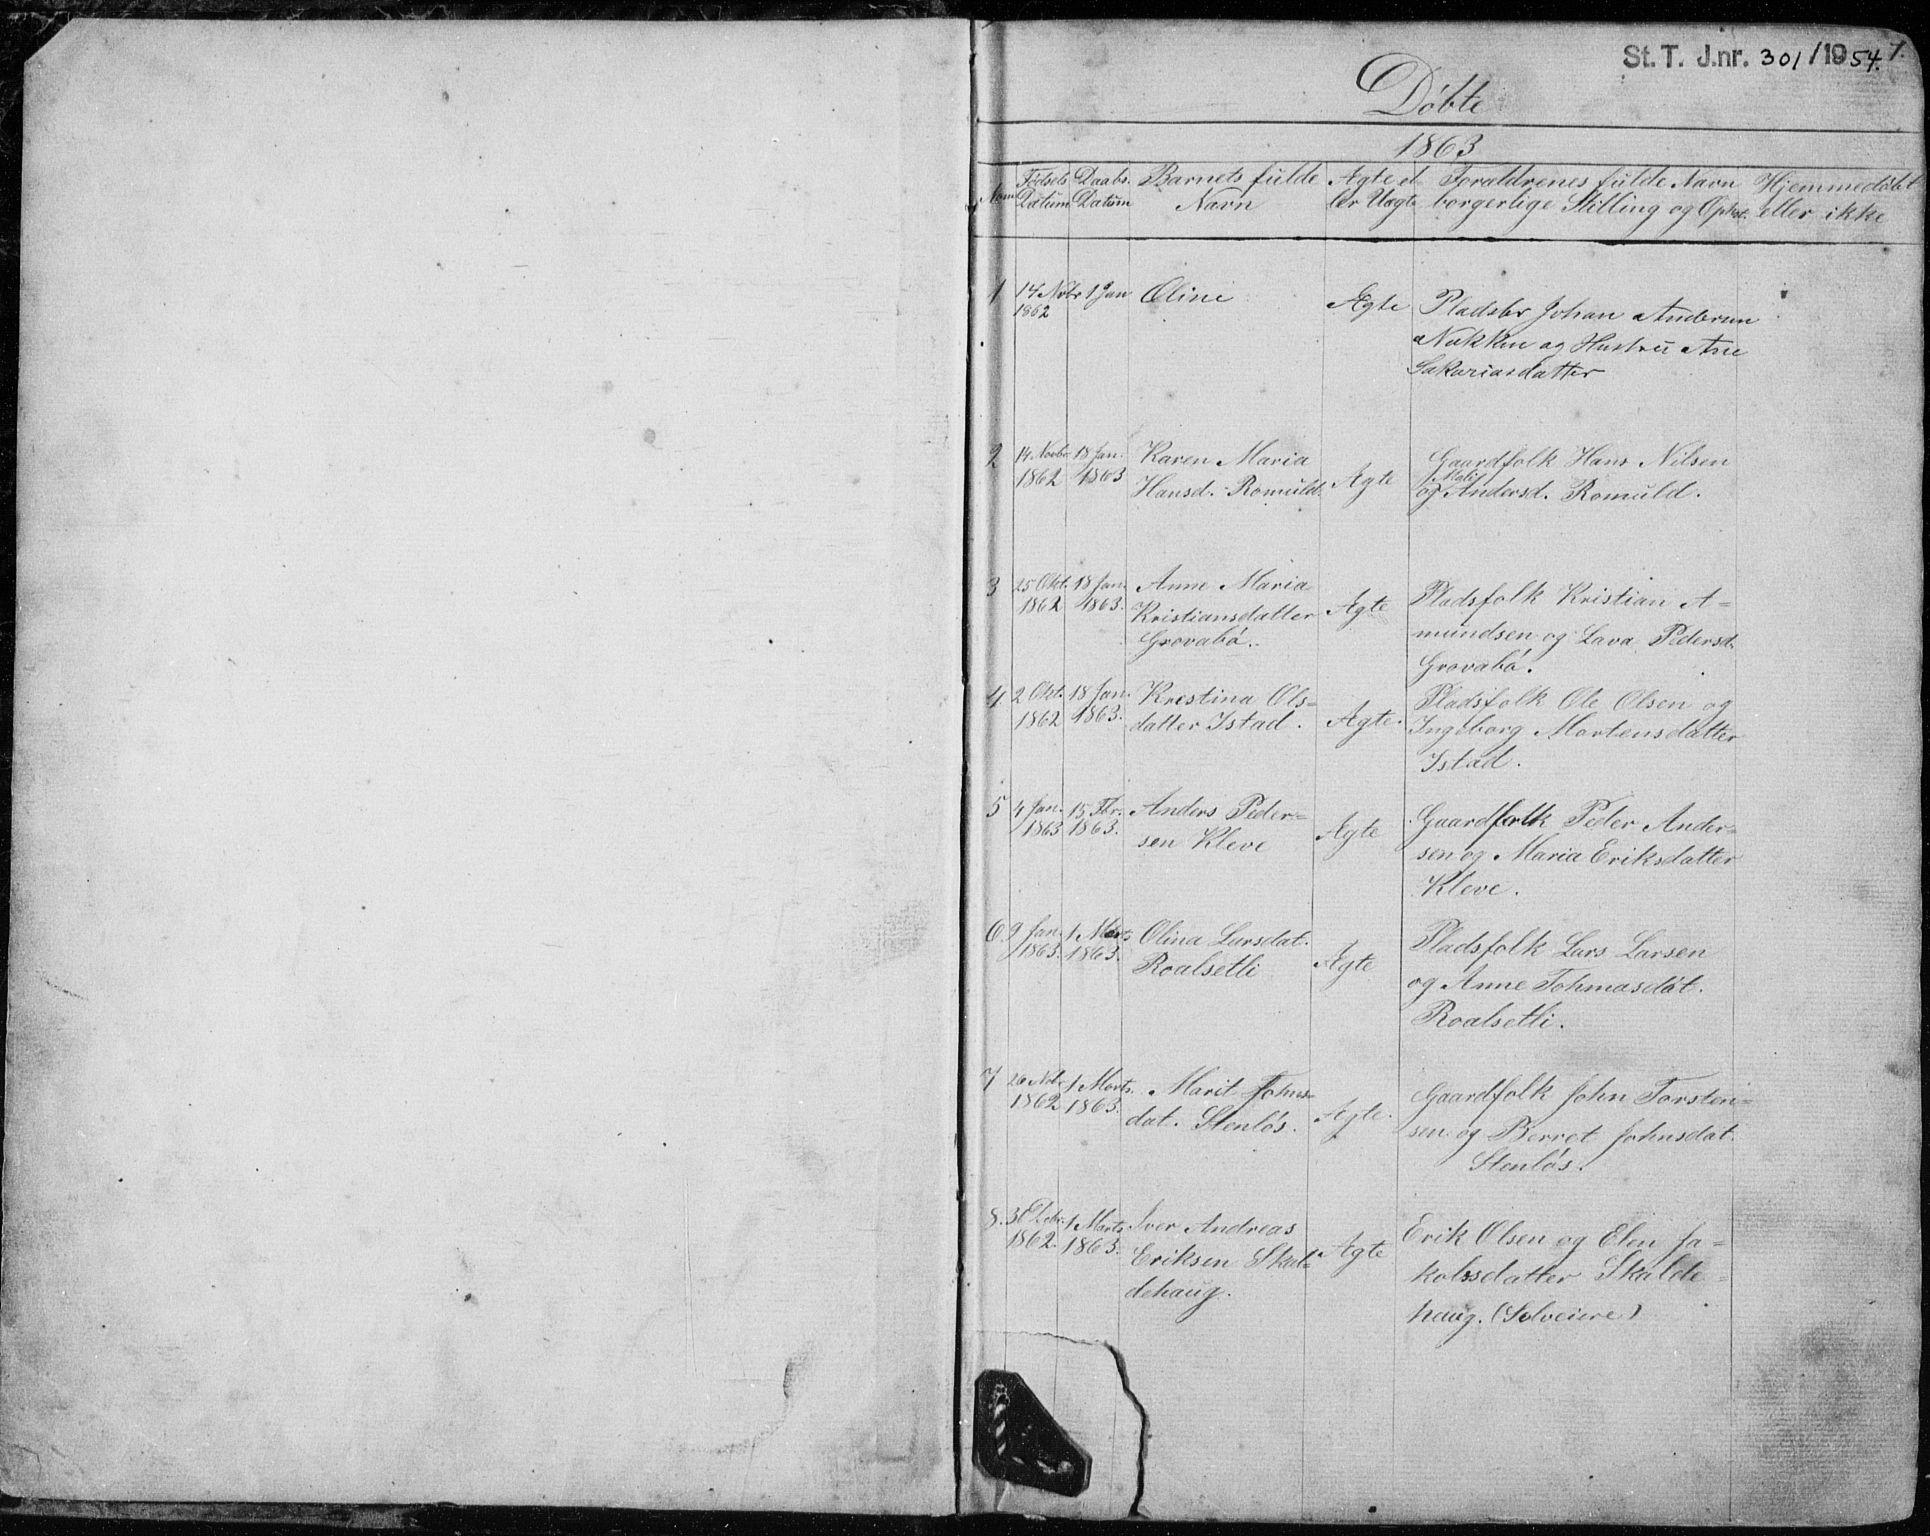 SAT, Ministerialprotokoller, klokkerbøker og fødselsregistre - Møre og Romsdal, 557/L0684: Klokkerbok nr. 557C02, 1863-1944, s. 1